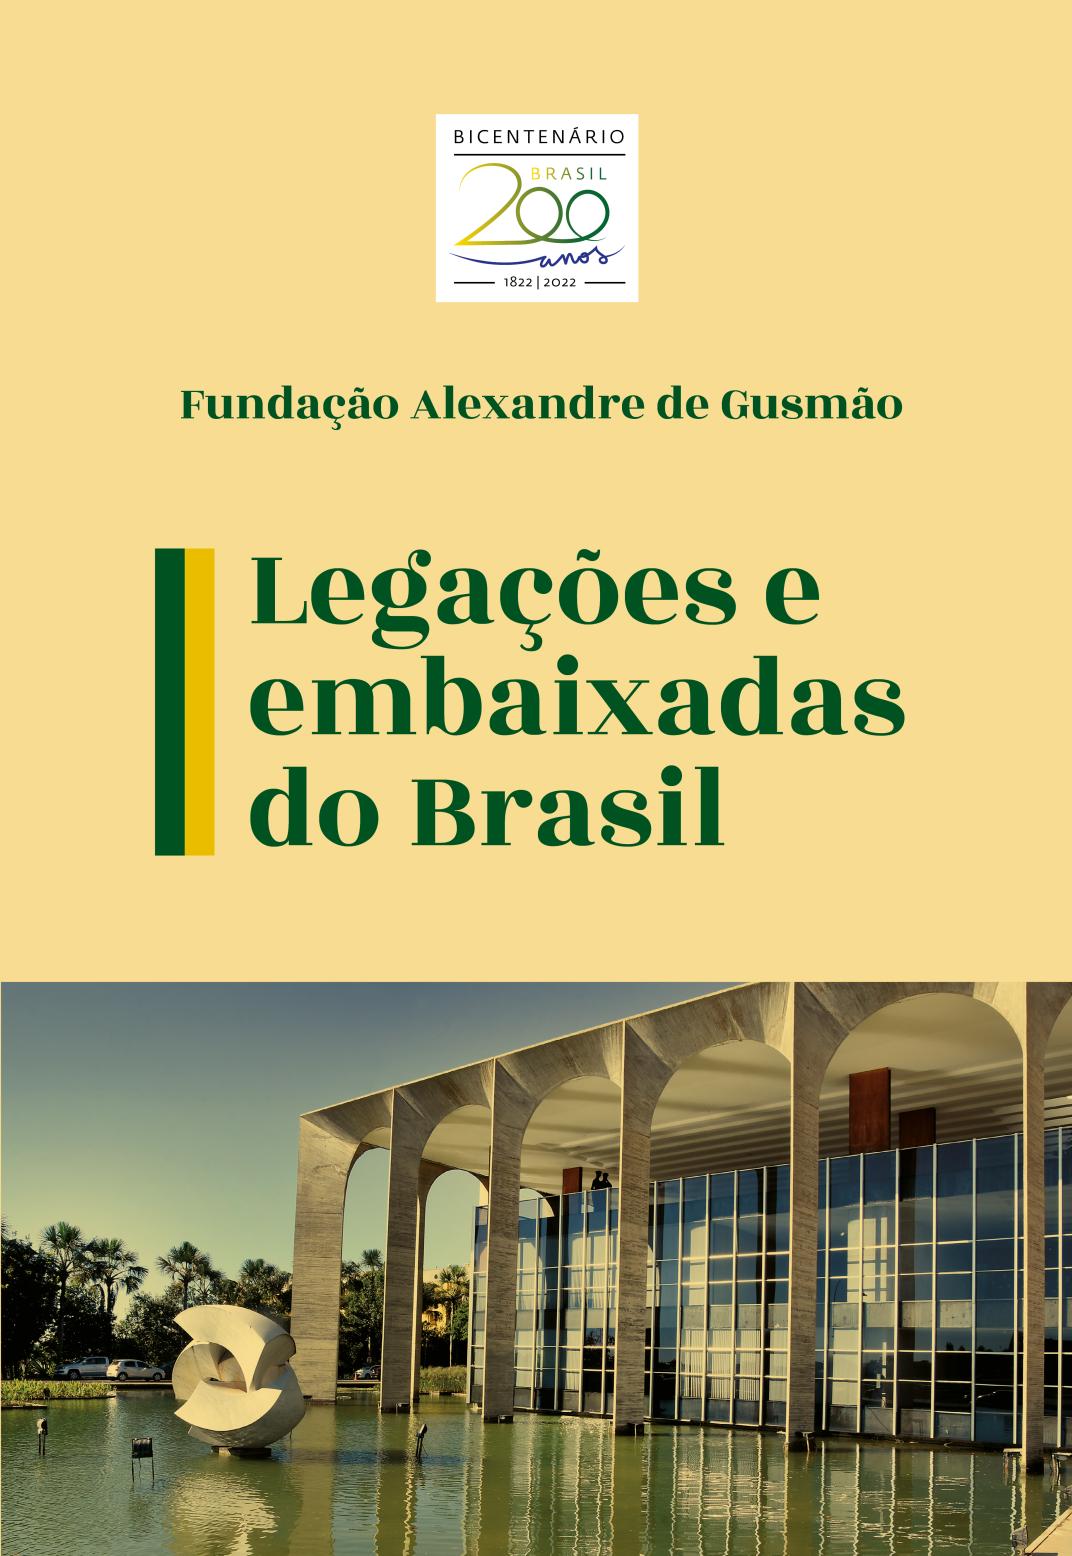 Legações e embaixadas do Brasil